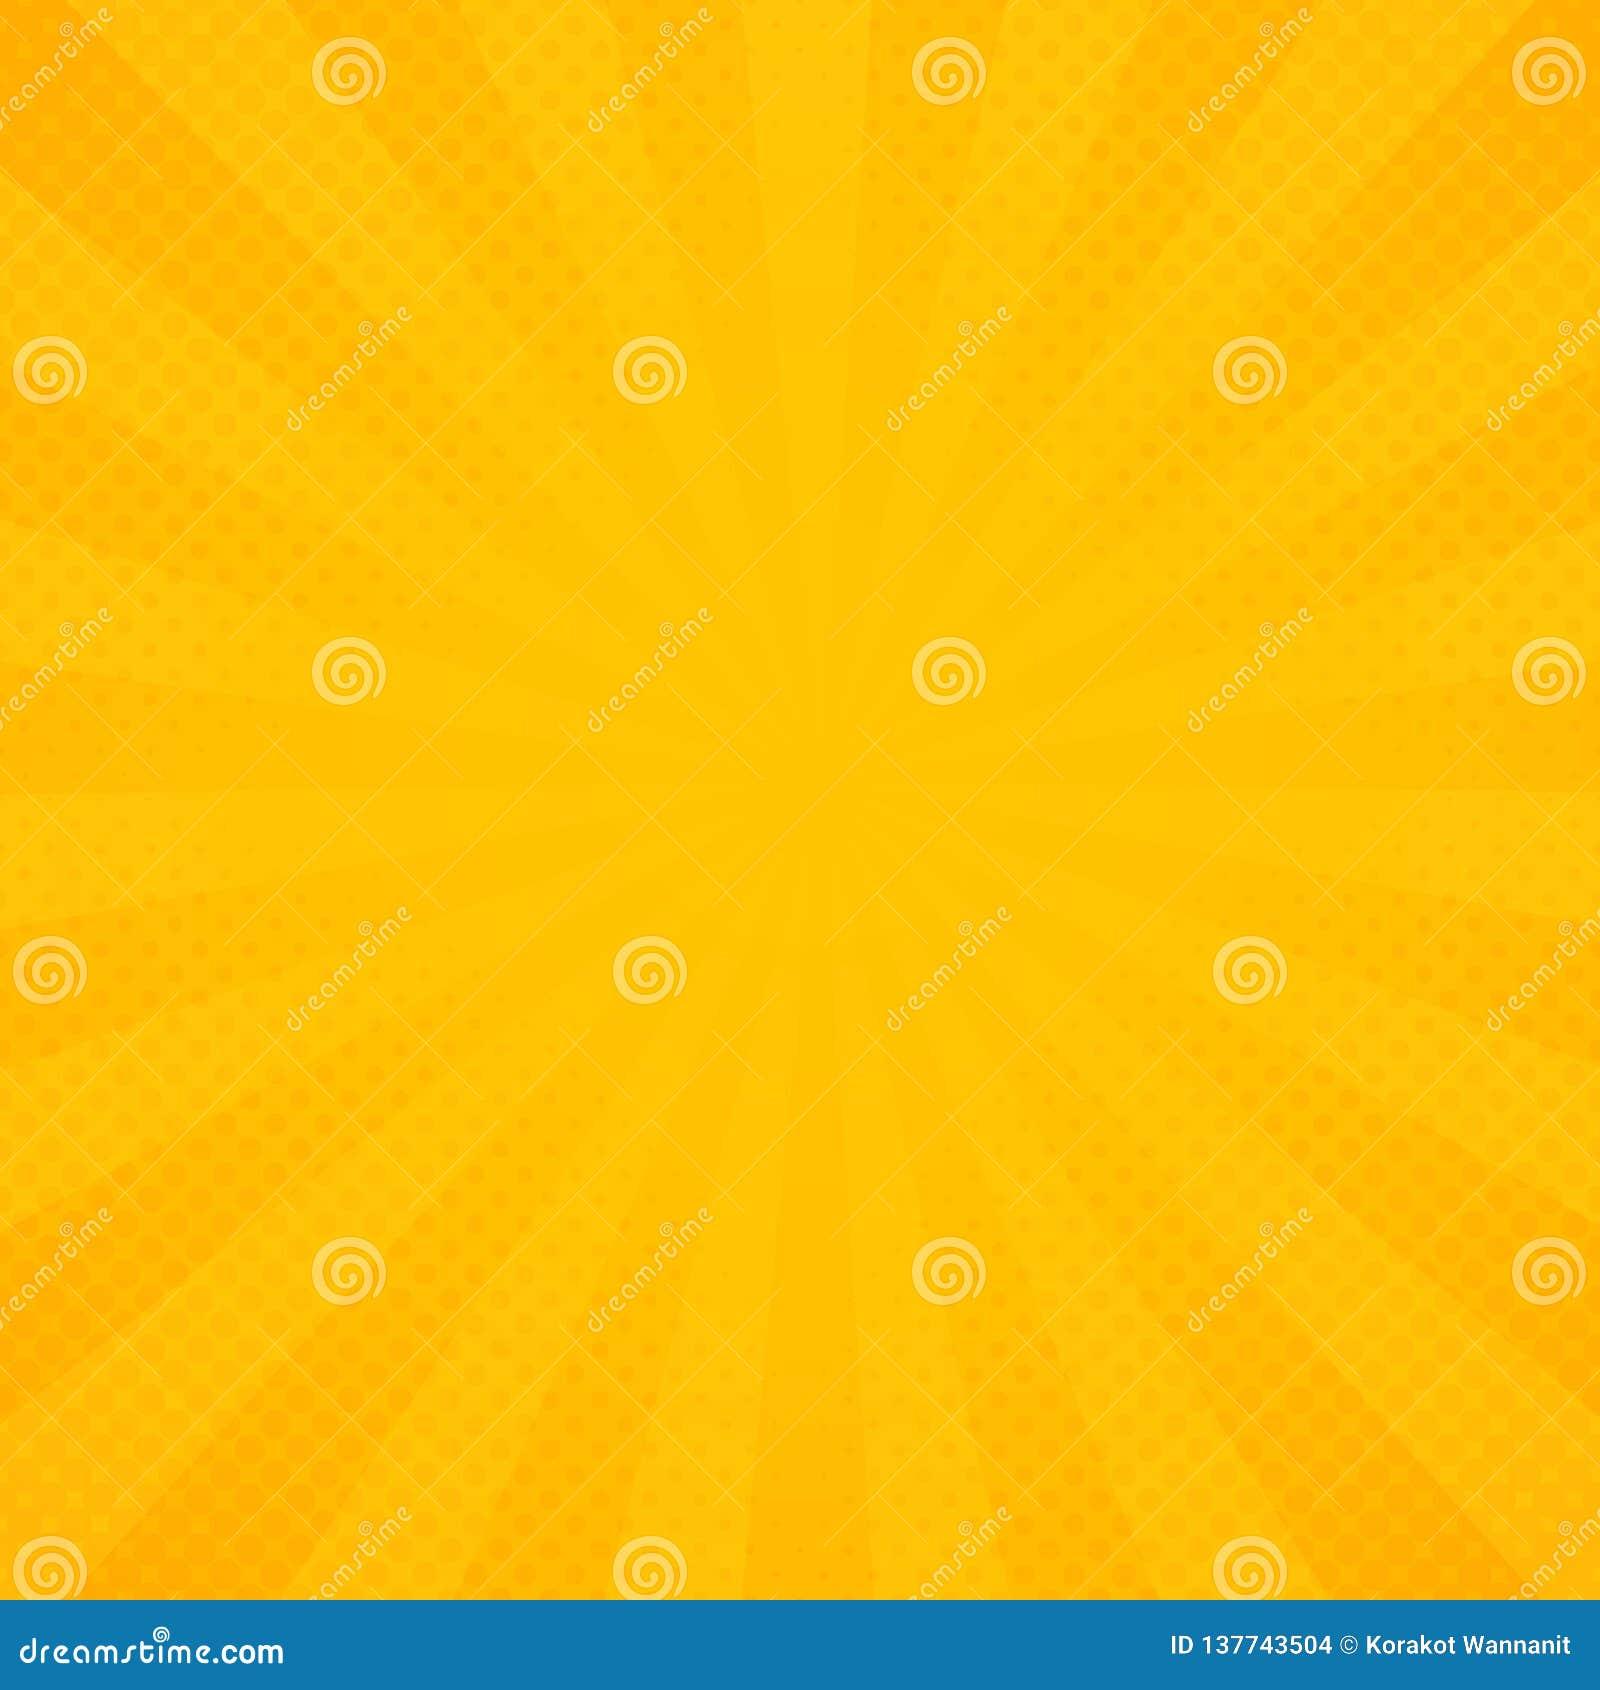 Абстрактное солнце желтой и оранжевой предпосылки картины лучей сияния